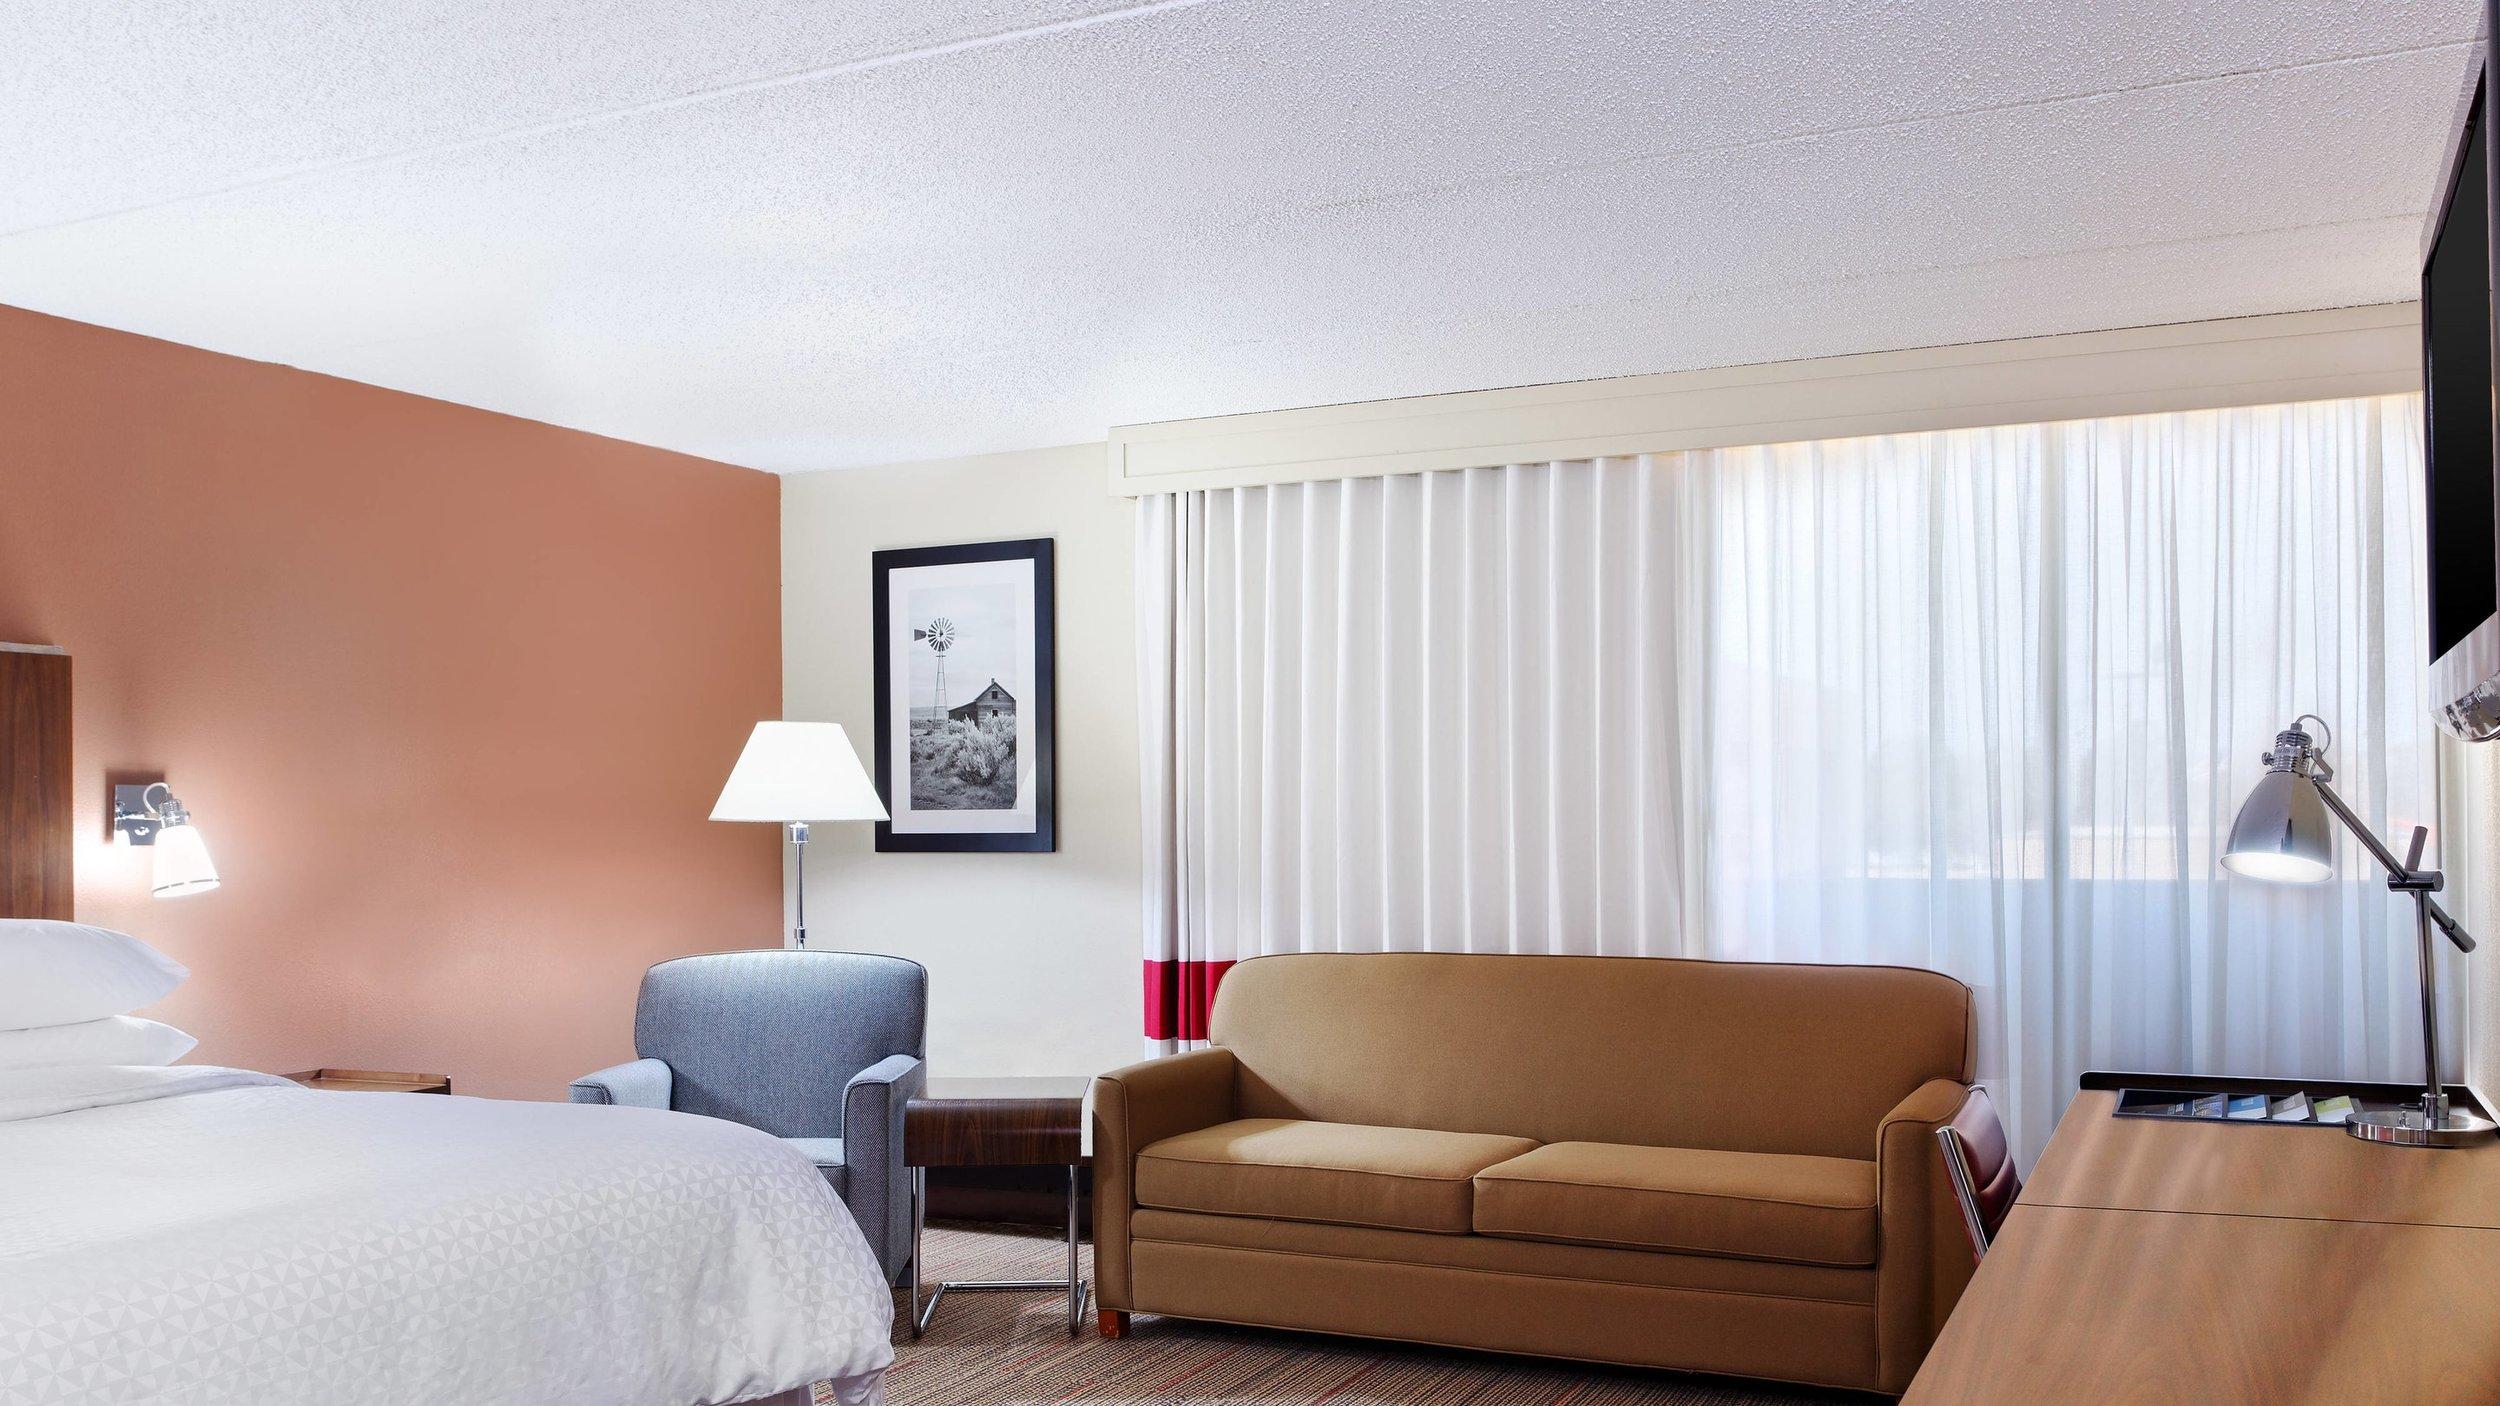 cllfp-guestroom-9666-hor-wide.jpg